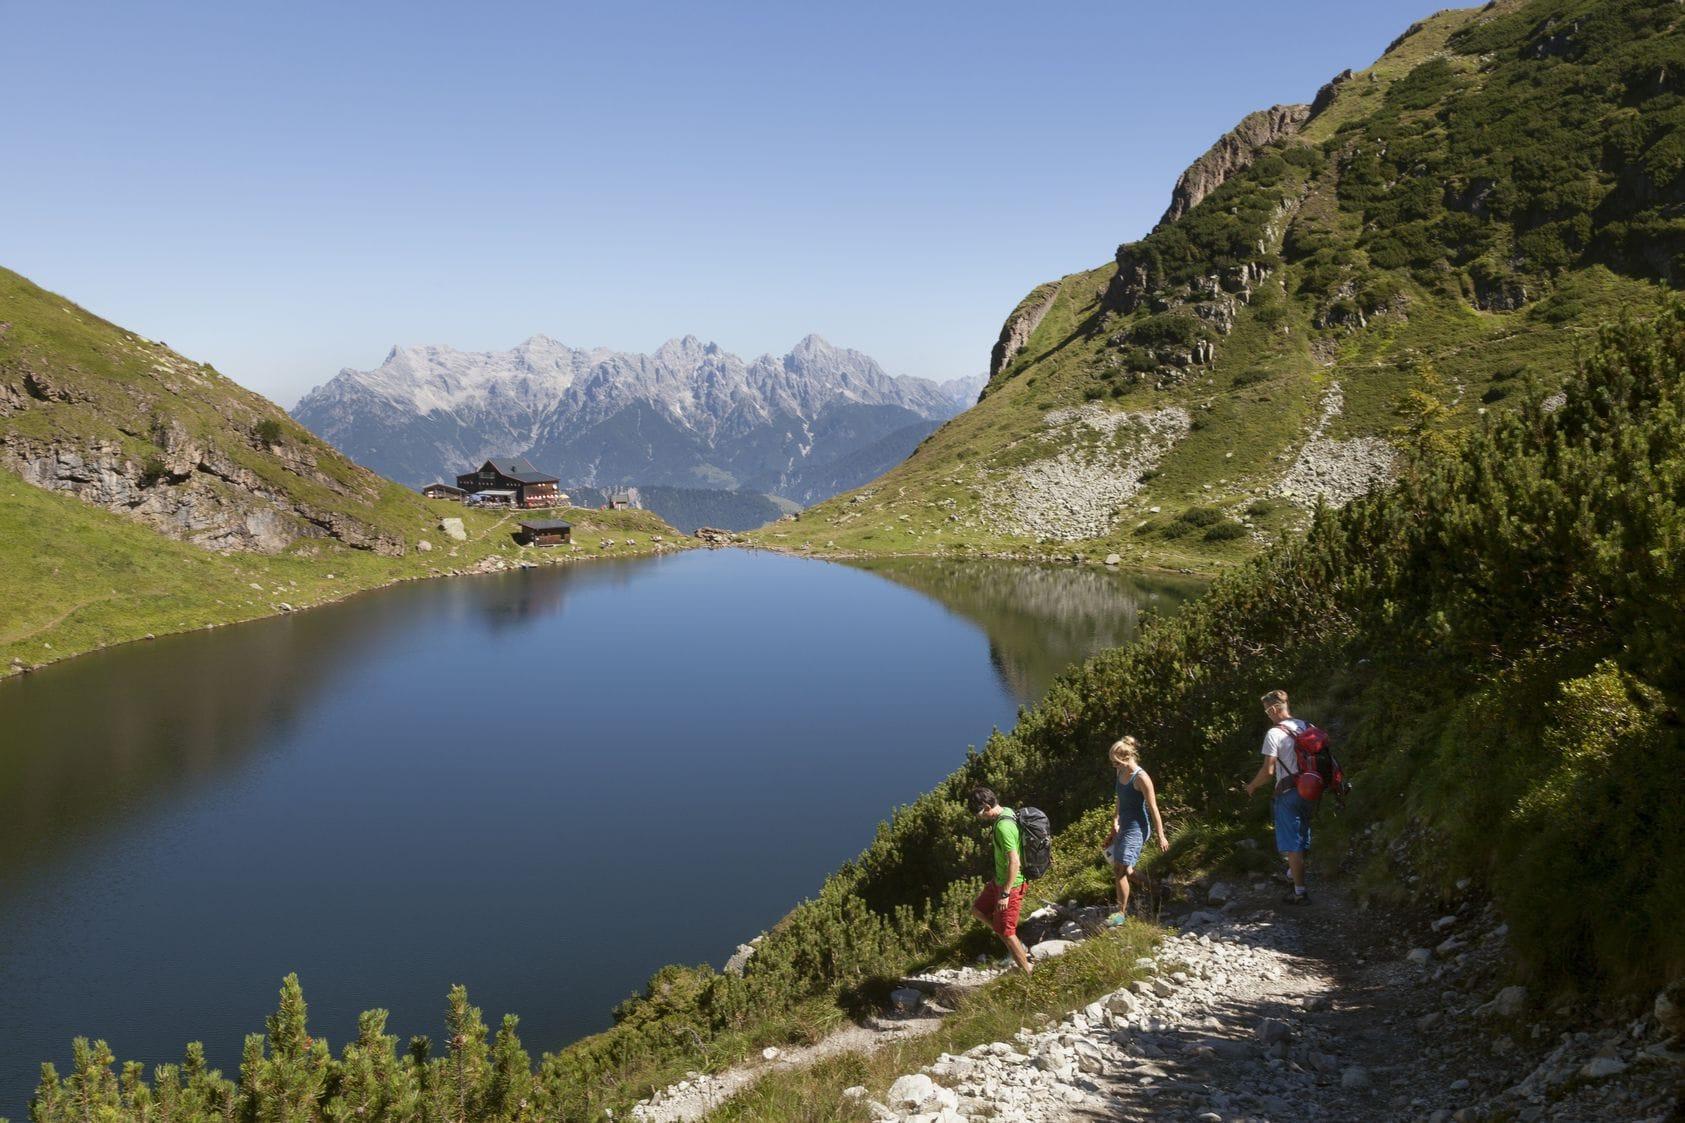 Fieberbrunn, Wildseeloderhaus, Berg-Urlaub